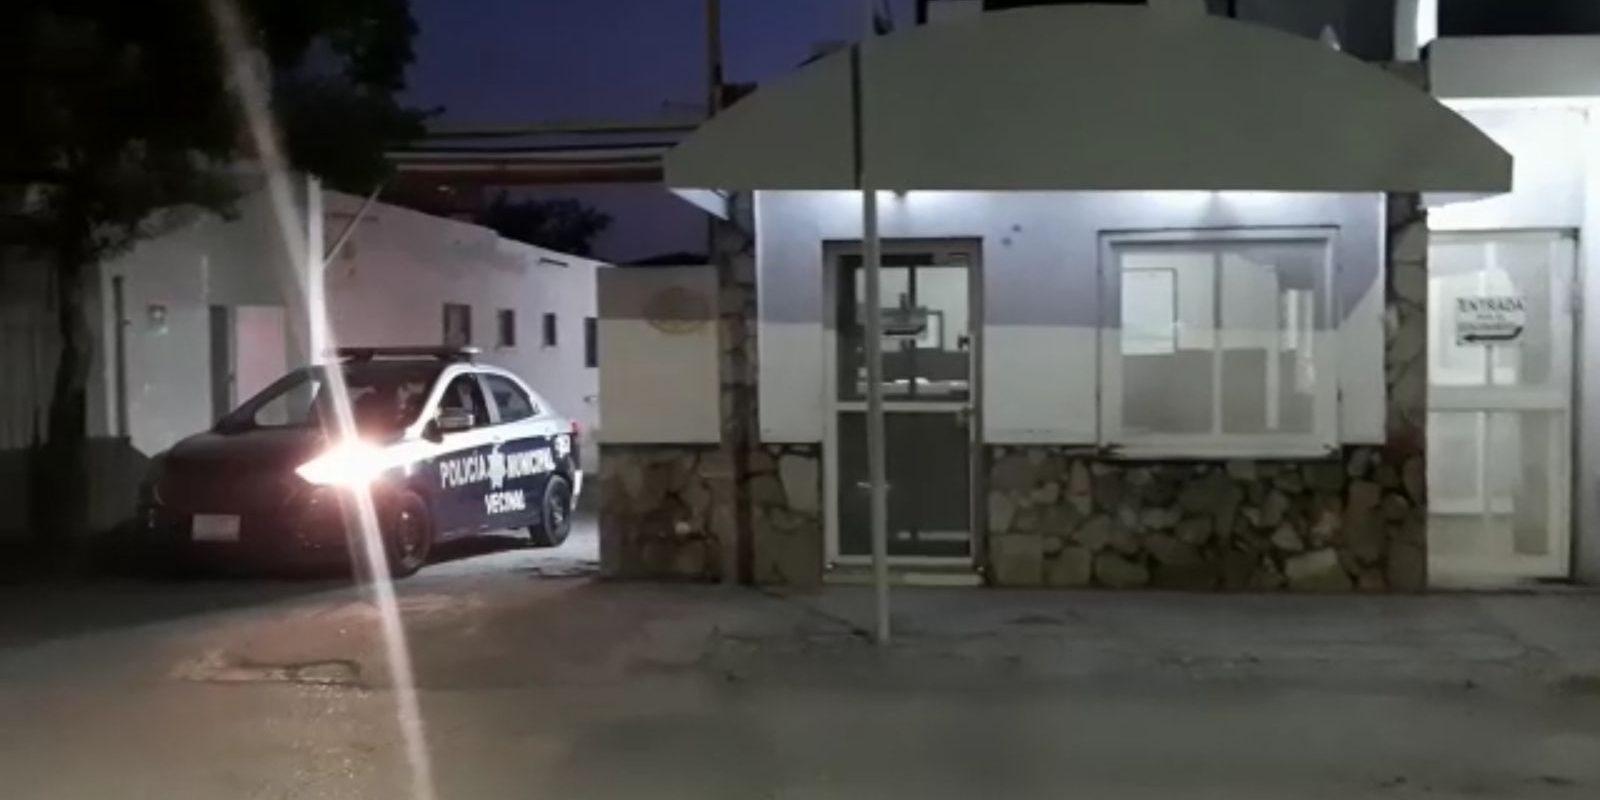 Policiaca: Lo encuentran desangrándose tras atentar contra su vida, en Hotel de Monclova